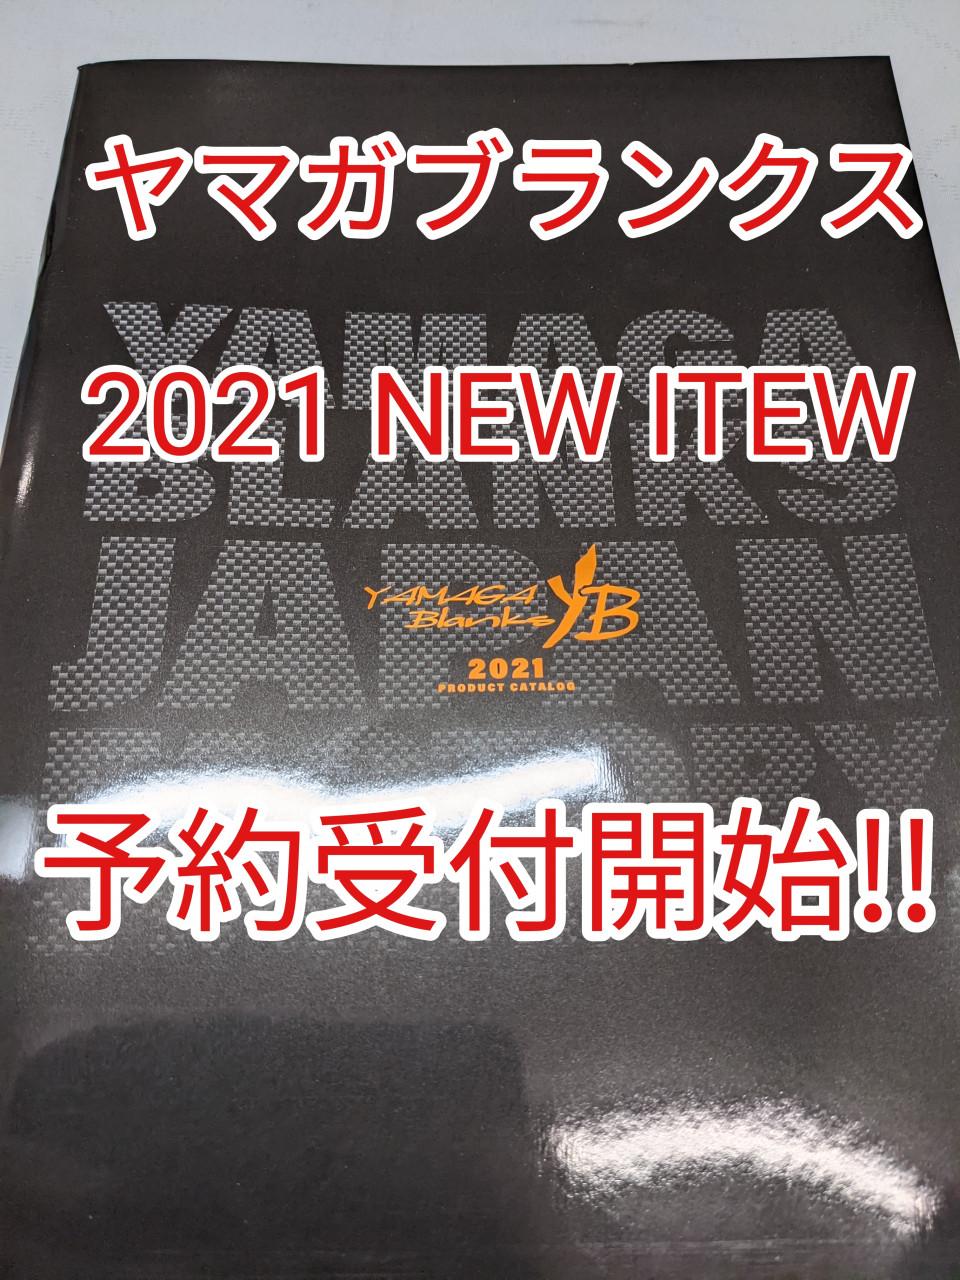 【新製品】【予約受付中】ヤマガブランクス新製品の予約受付開始!!